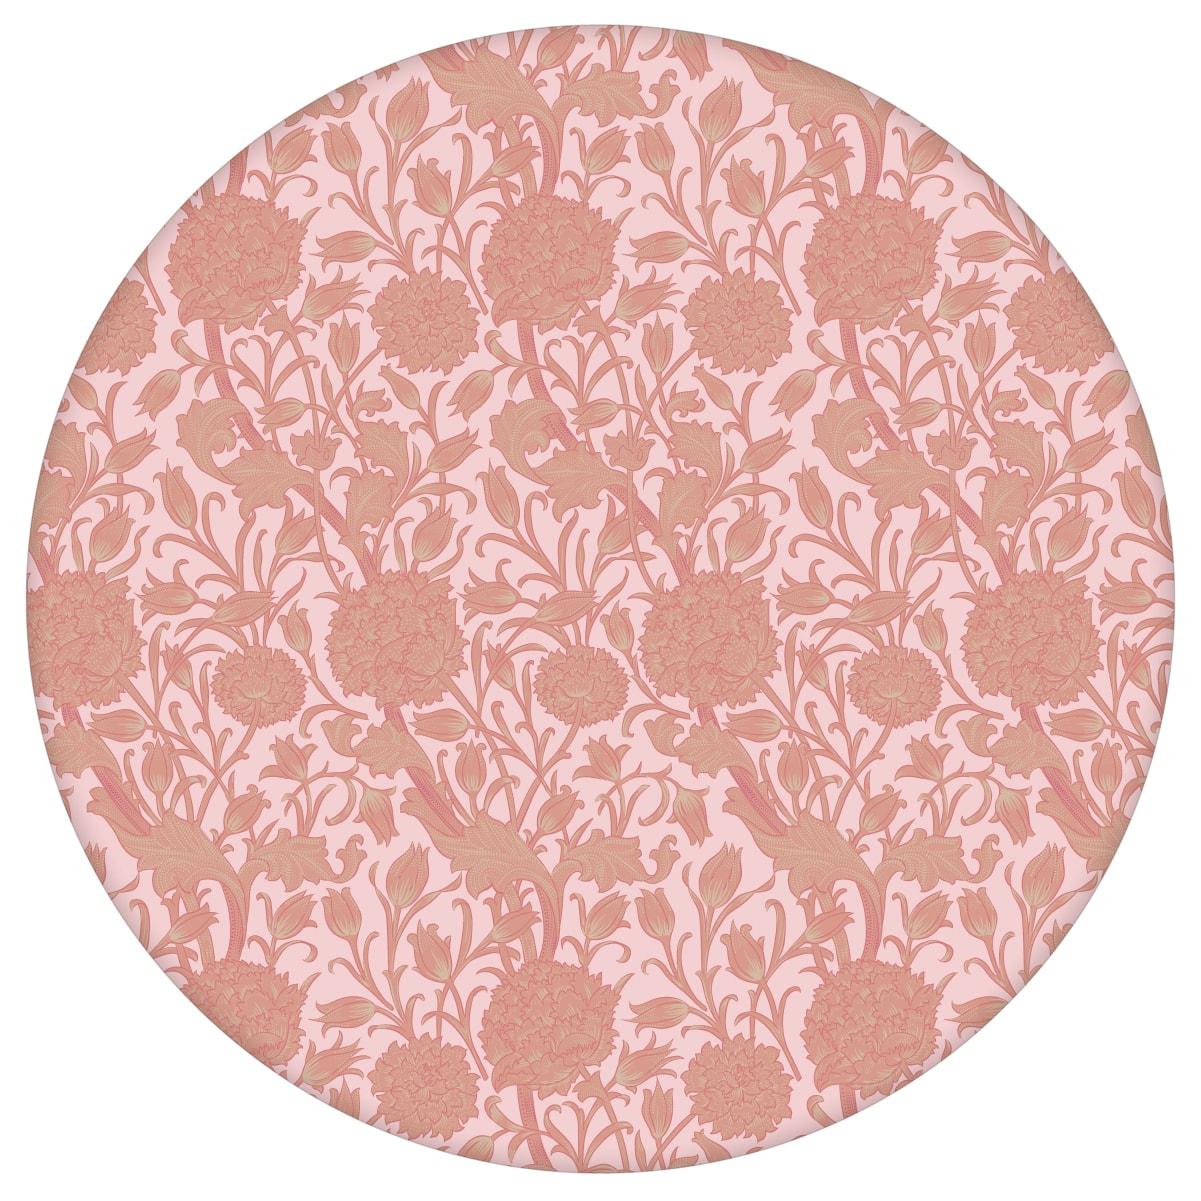 """Rosa Jugendstil Tapete """"Tulpen und Narzissen"""" nach William Morris, Vlies-Tapete Blumentapete für Wohnzimmeraus dem GMM-BERLIN.com Sortiment: rosa Tapete zur Raumgestaltung: #00174 #blumen #Blumentapete #Jugendstil #Narzisse #Retro #rosa #rosa Tapeten #Tulpe #vintage #WilliamMorris #Wohnzimmer für individuelles Interiordesign"""